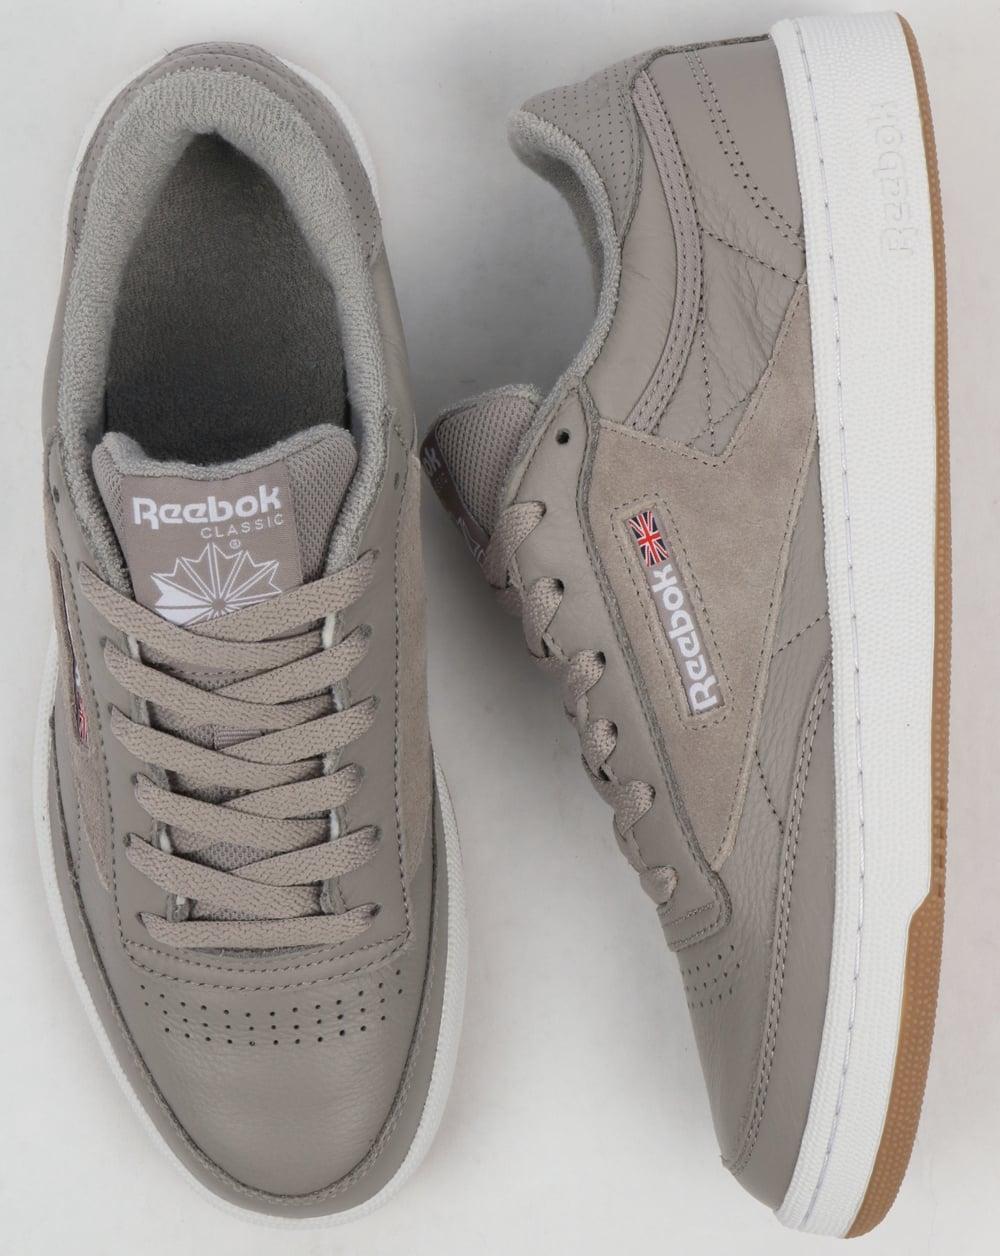 Reebok Club Grey Trainers Shoes Suede Powder Leather C Estl Mens 85 Erq0wOE